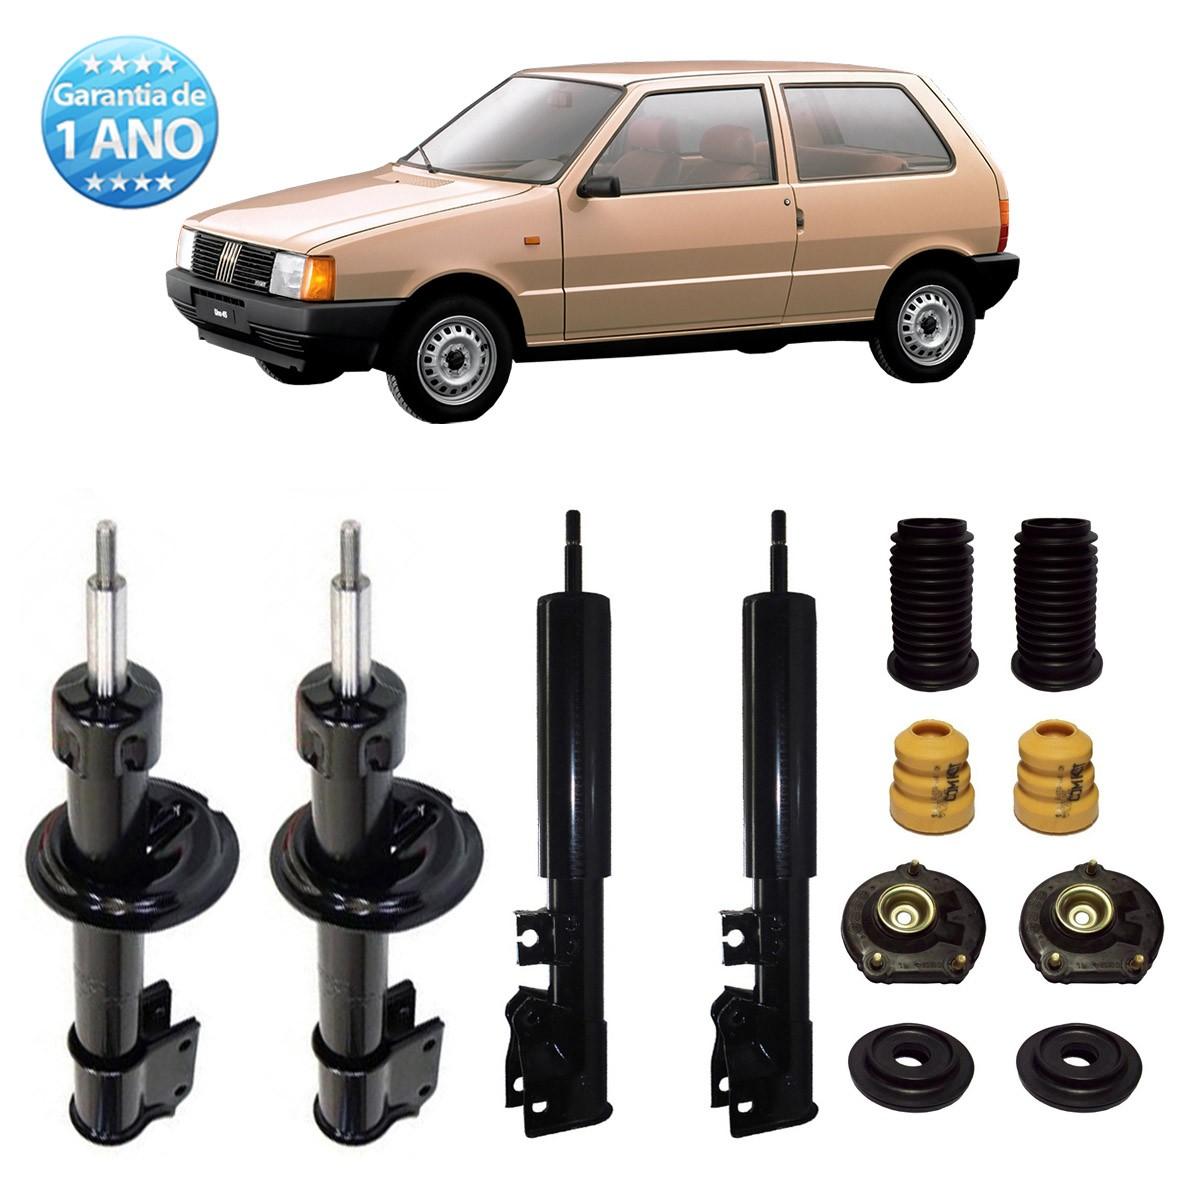 04 Amortecedores Remanufaturados Fiat Uno 1993 Até 2004 + Kit da Suspensão